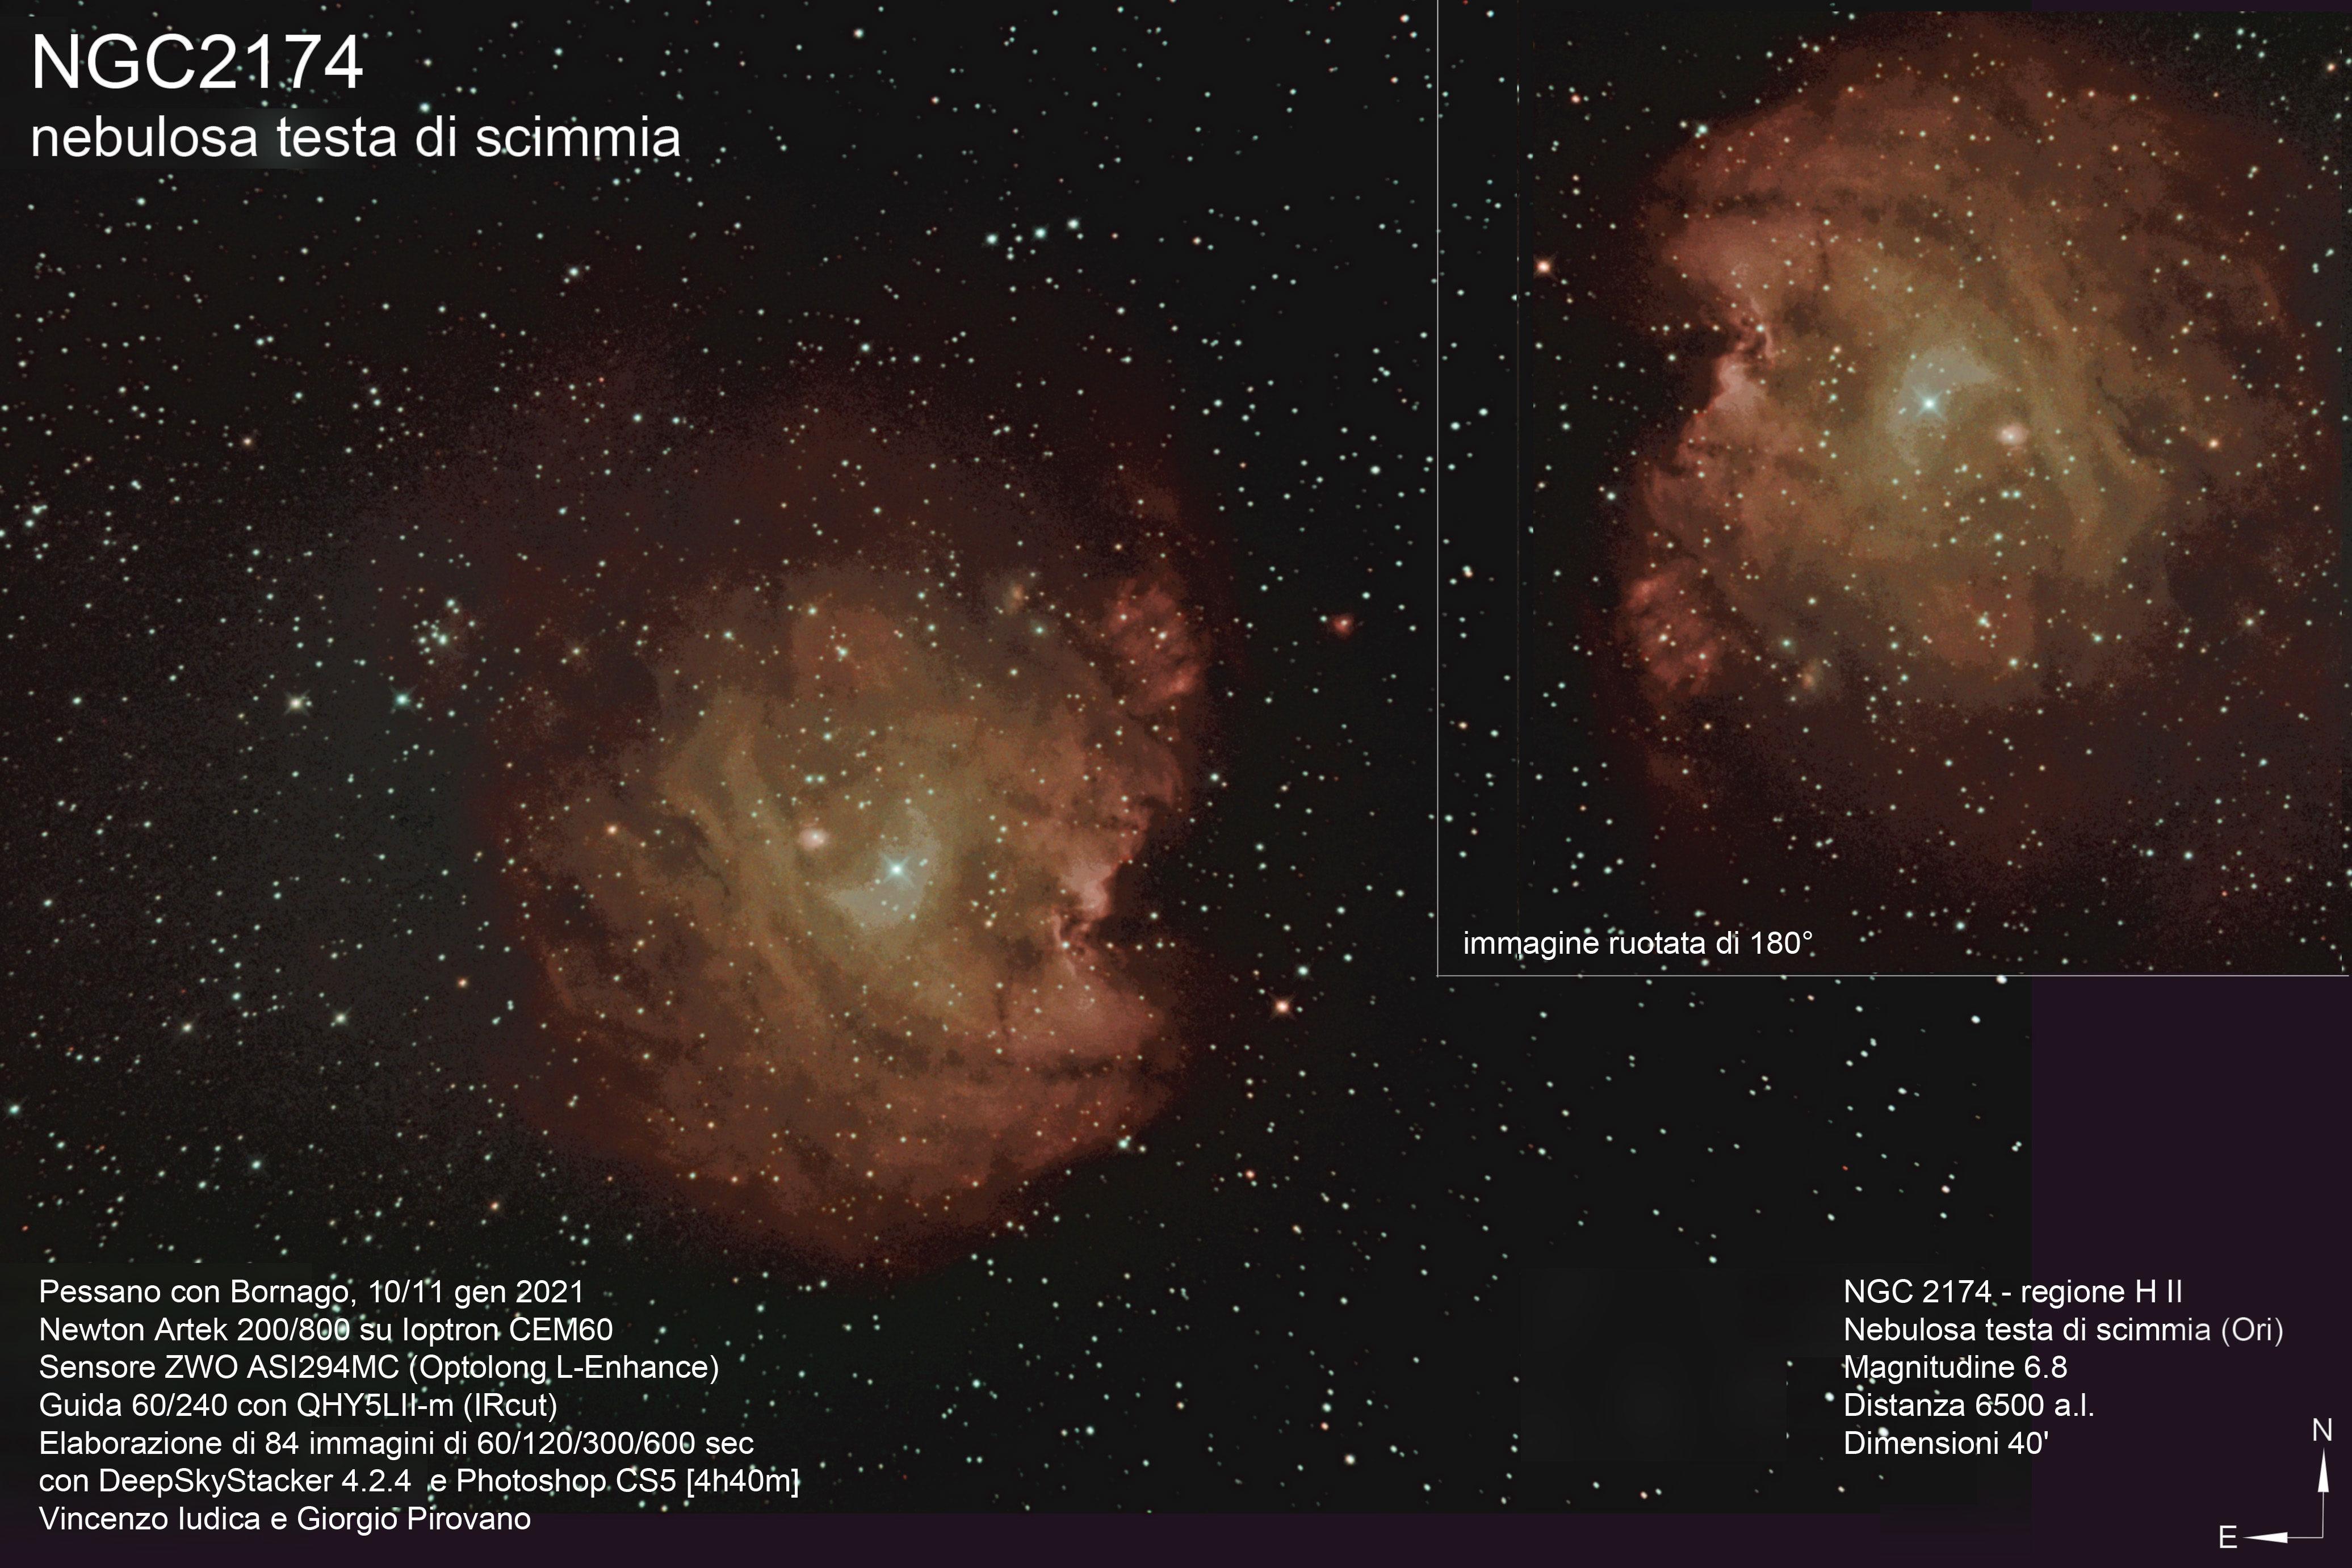 <p>Regione H II - nebulosa ad emissione nella costellazione di Orione.</p>